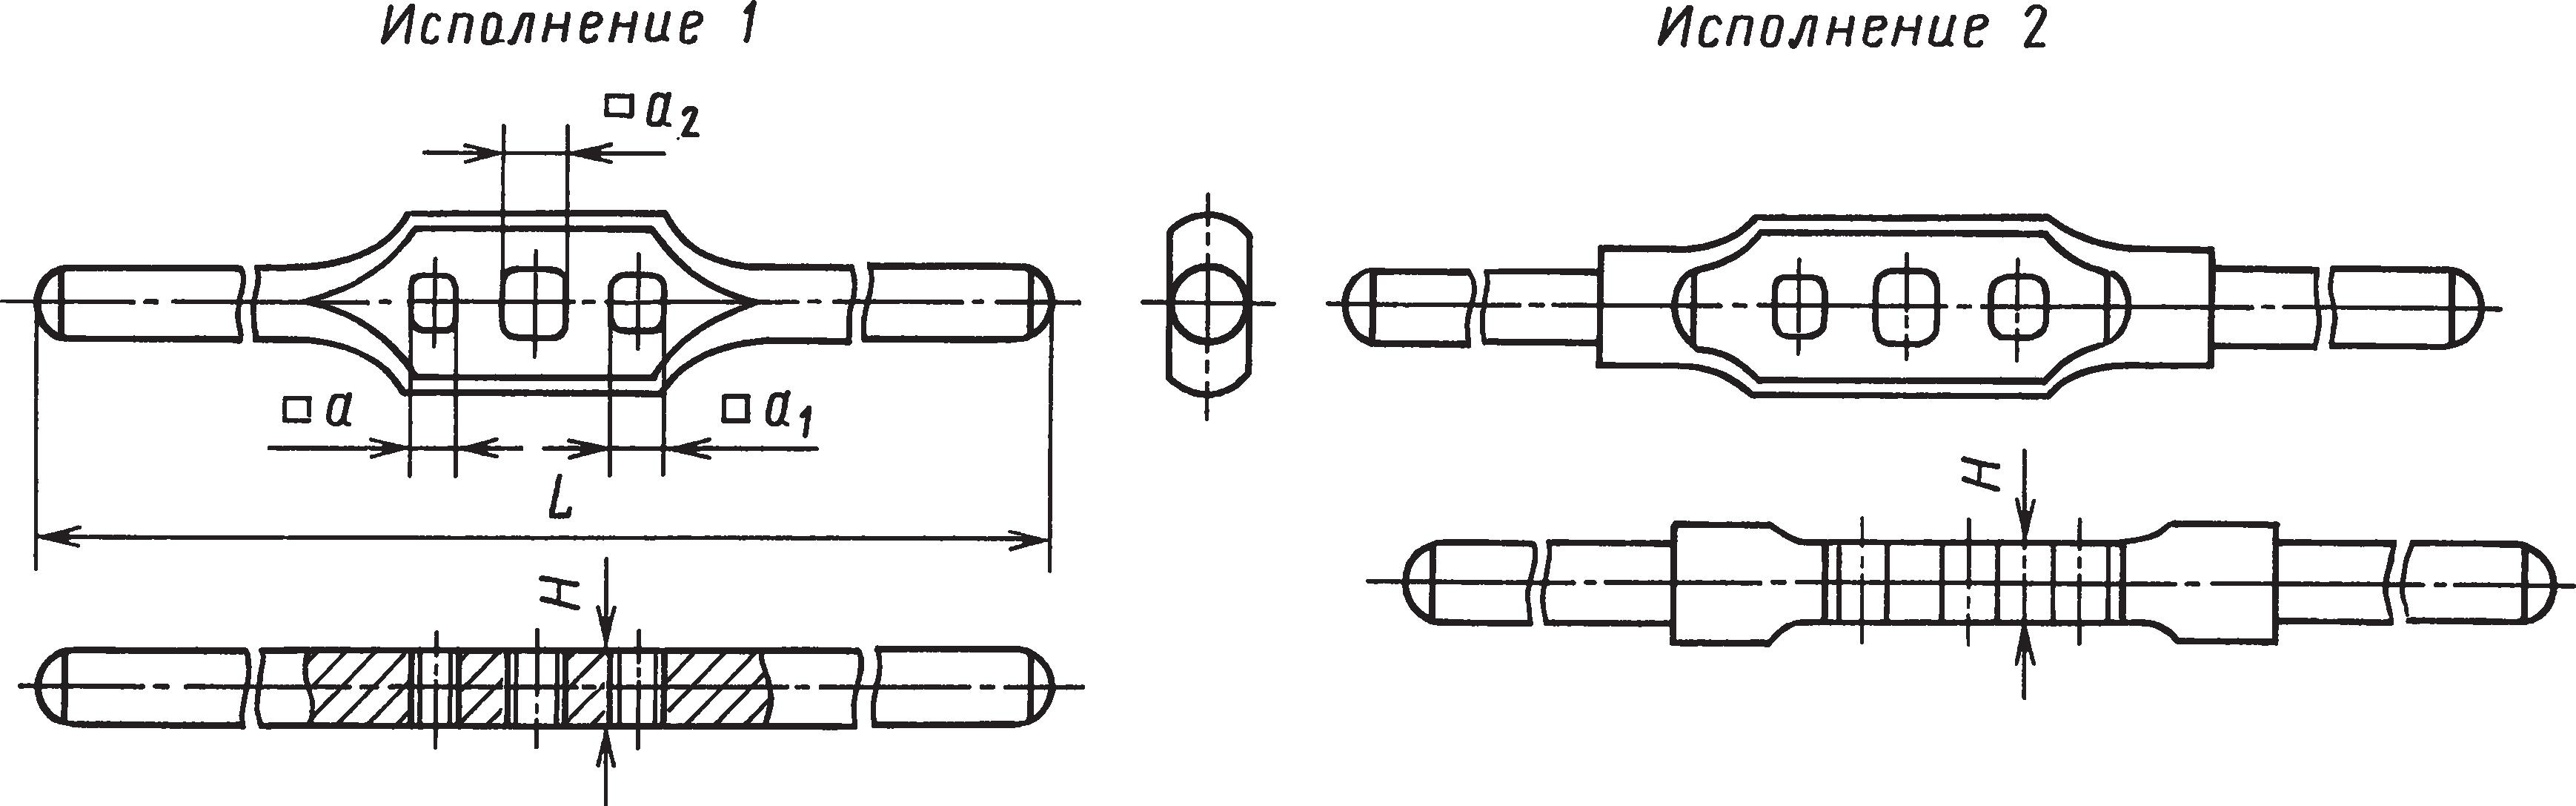 Трехгнездные воротки для инструмента с квадратными хвостовиками (ГОСТ 22399–77)